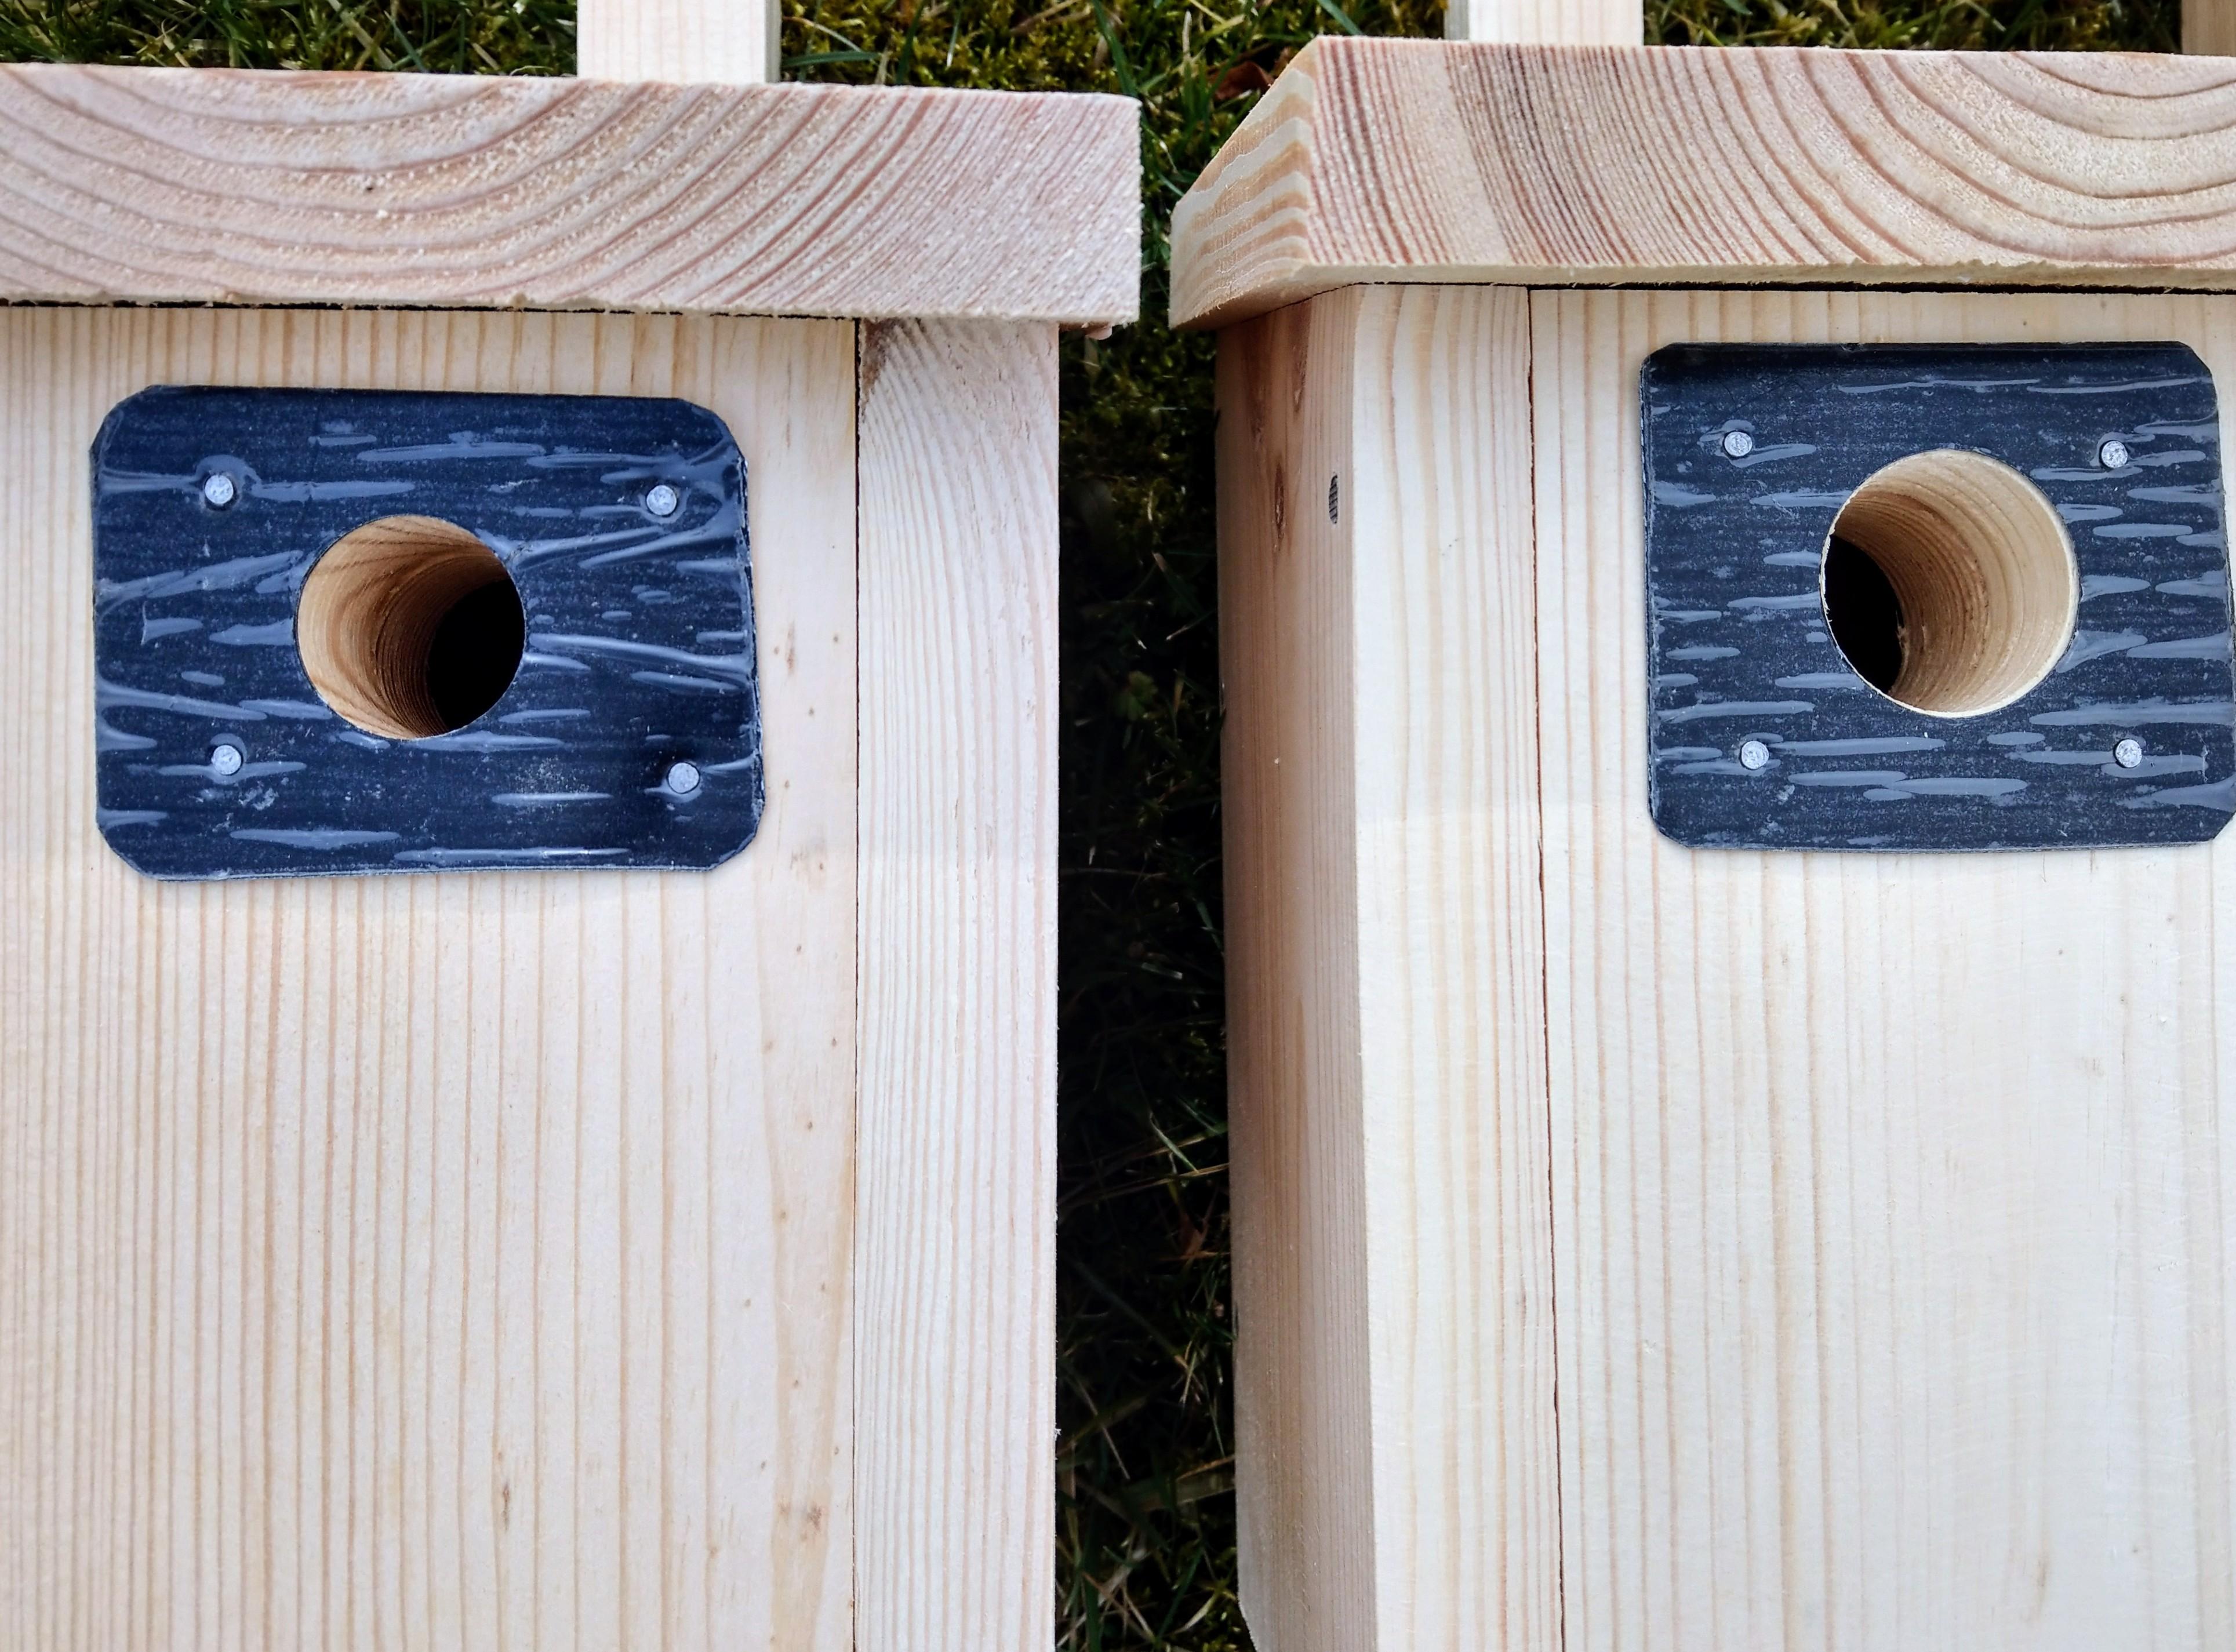 Od lewej: budka typu A1, typu A, typu B, każda otwierana od przodu.